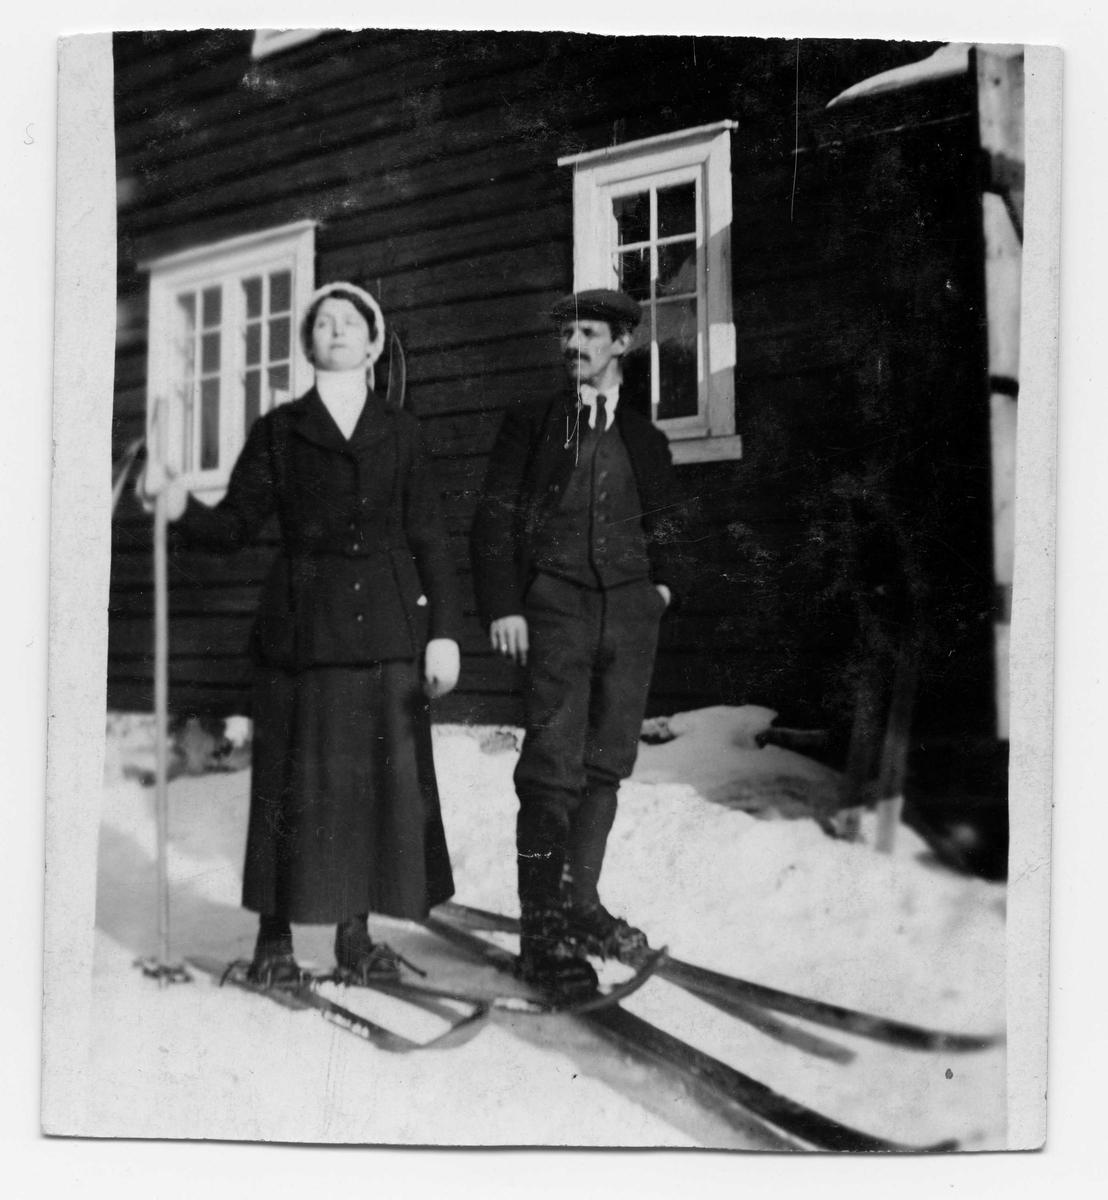 Par på ski, Døvehytta Trondheim